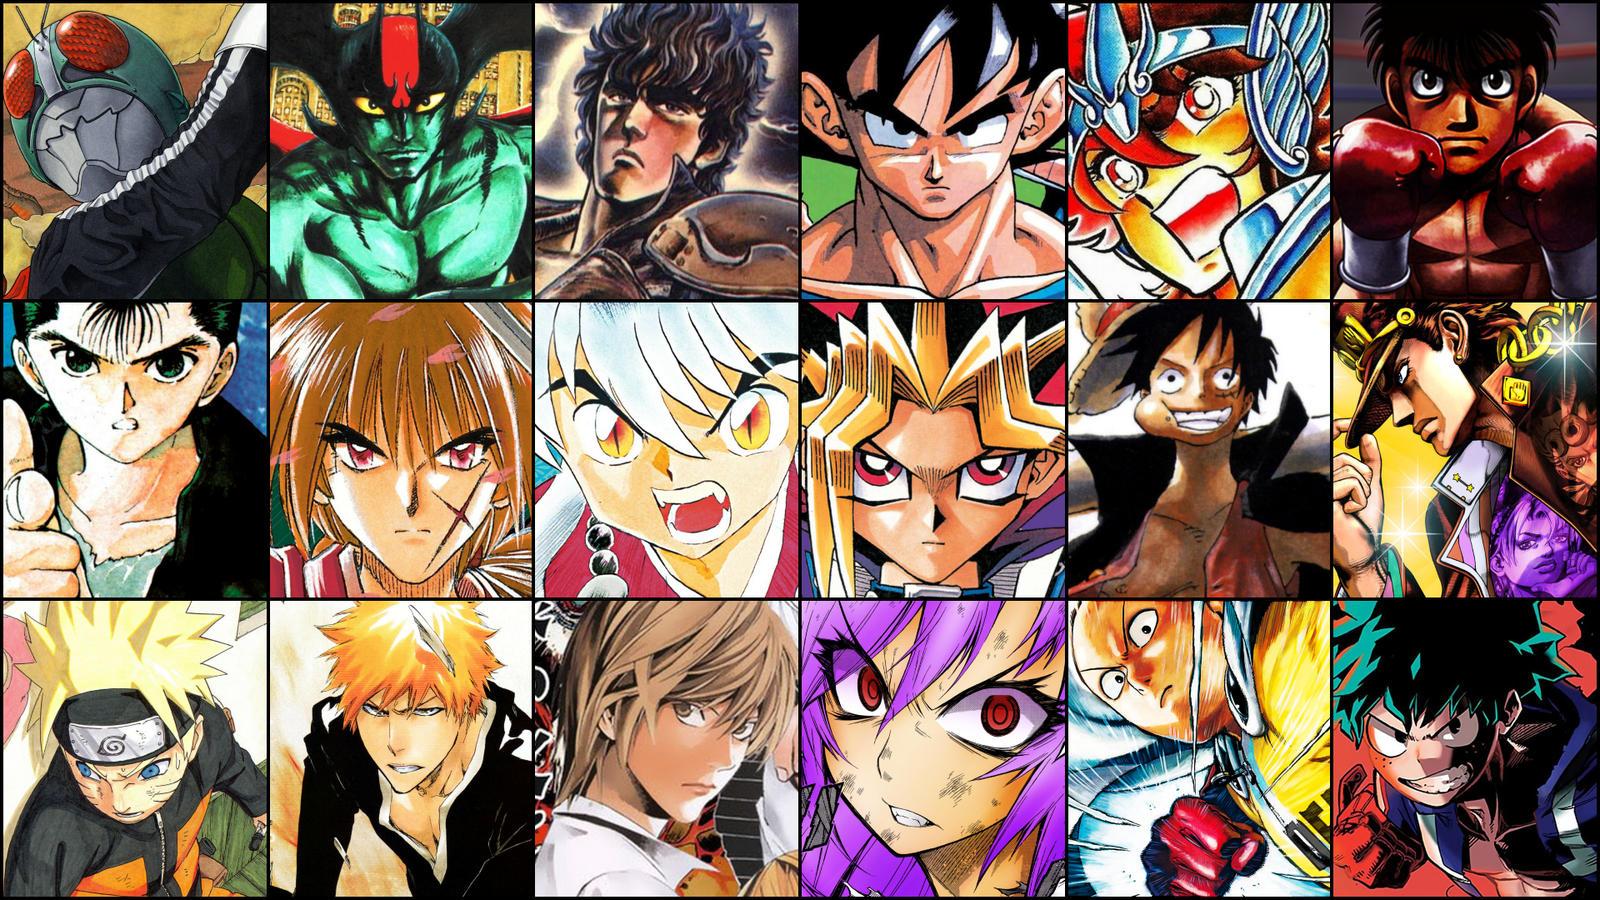 All Shonen Jump Anime Wallpaper Anime Wallpapers